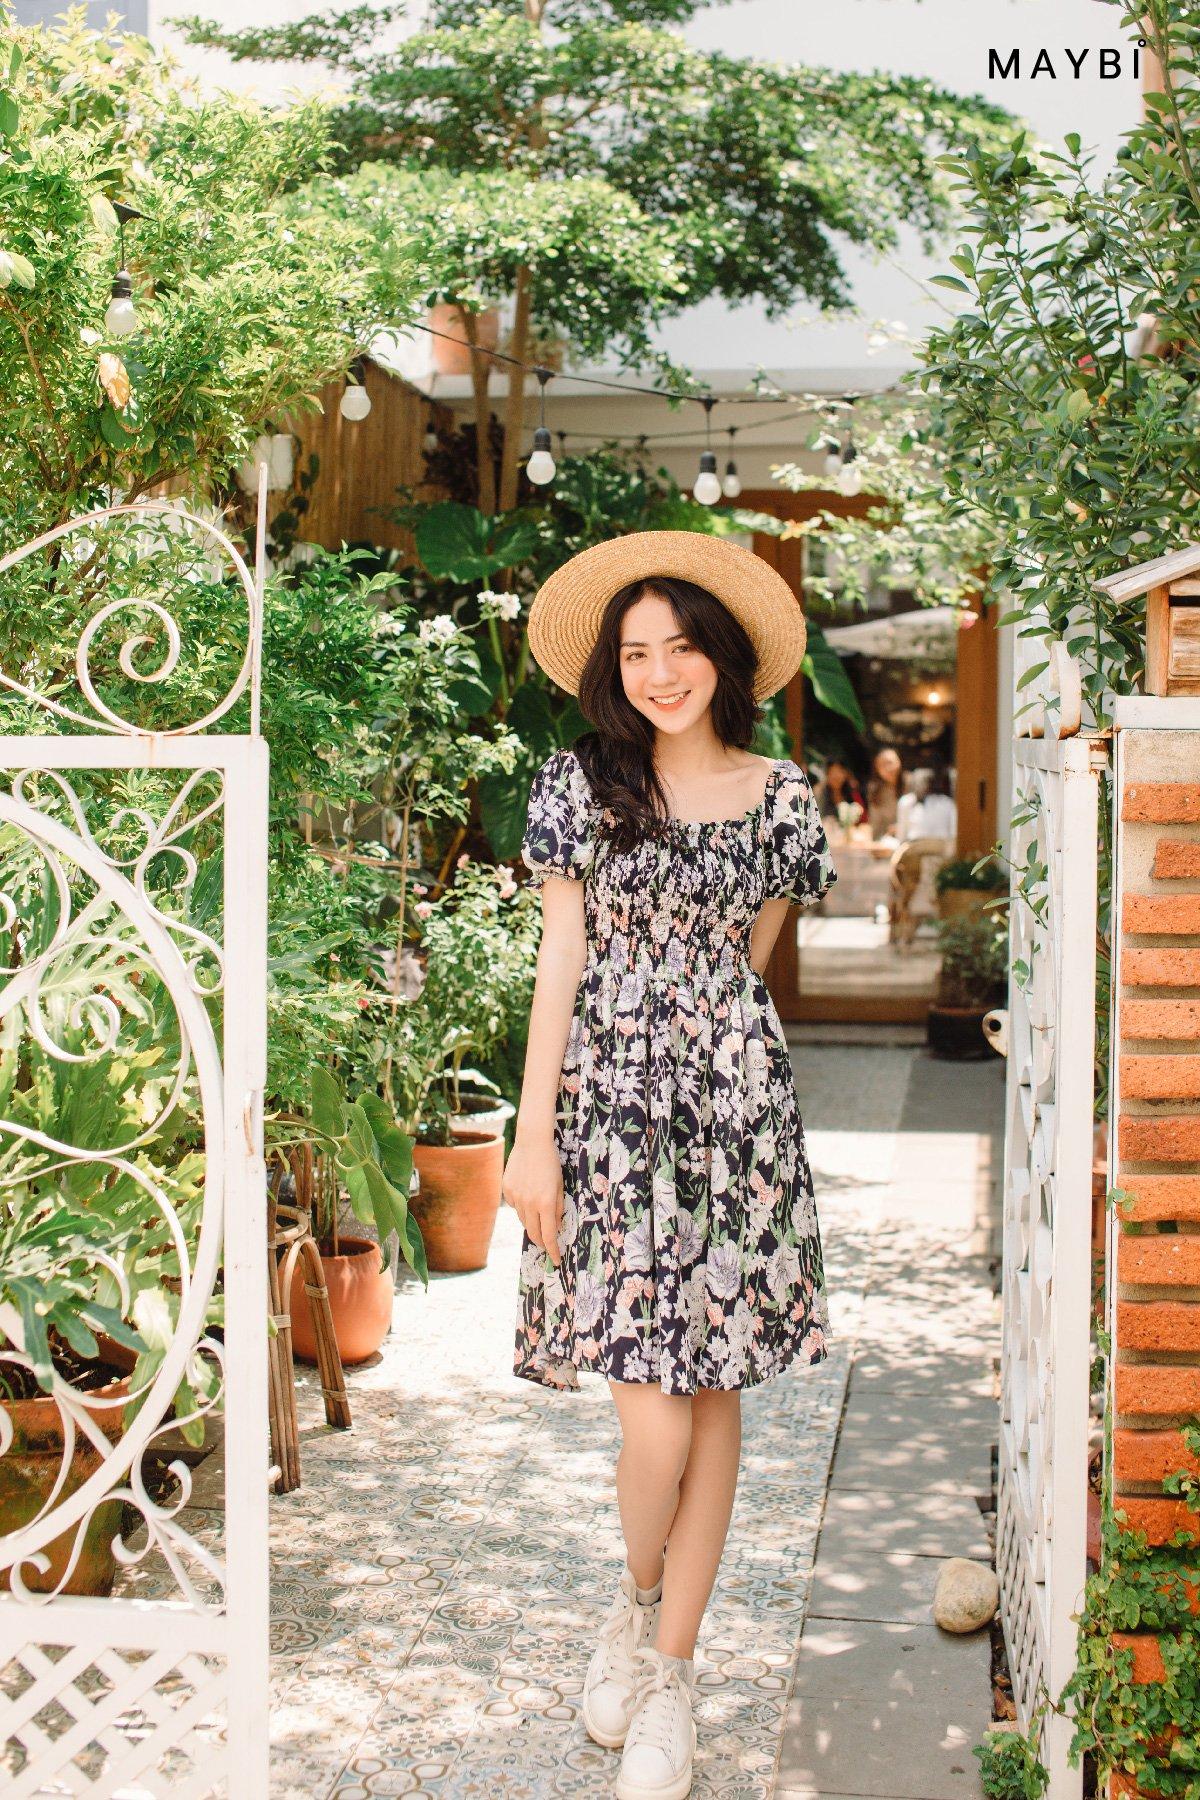 Đầm nhún thân họa tiết hoa Patterned floral Dress